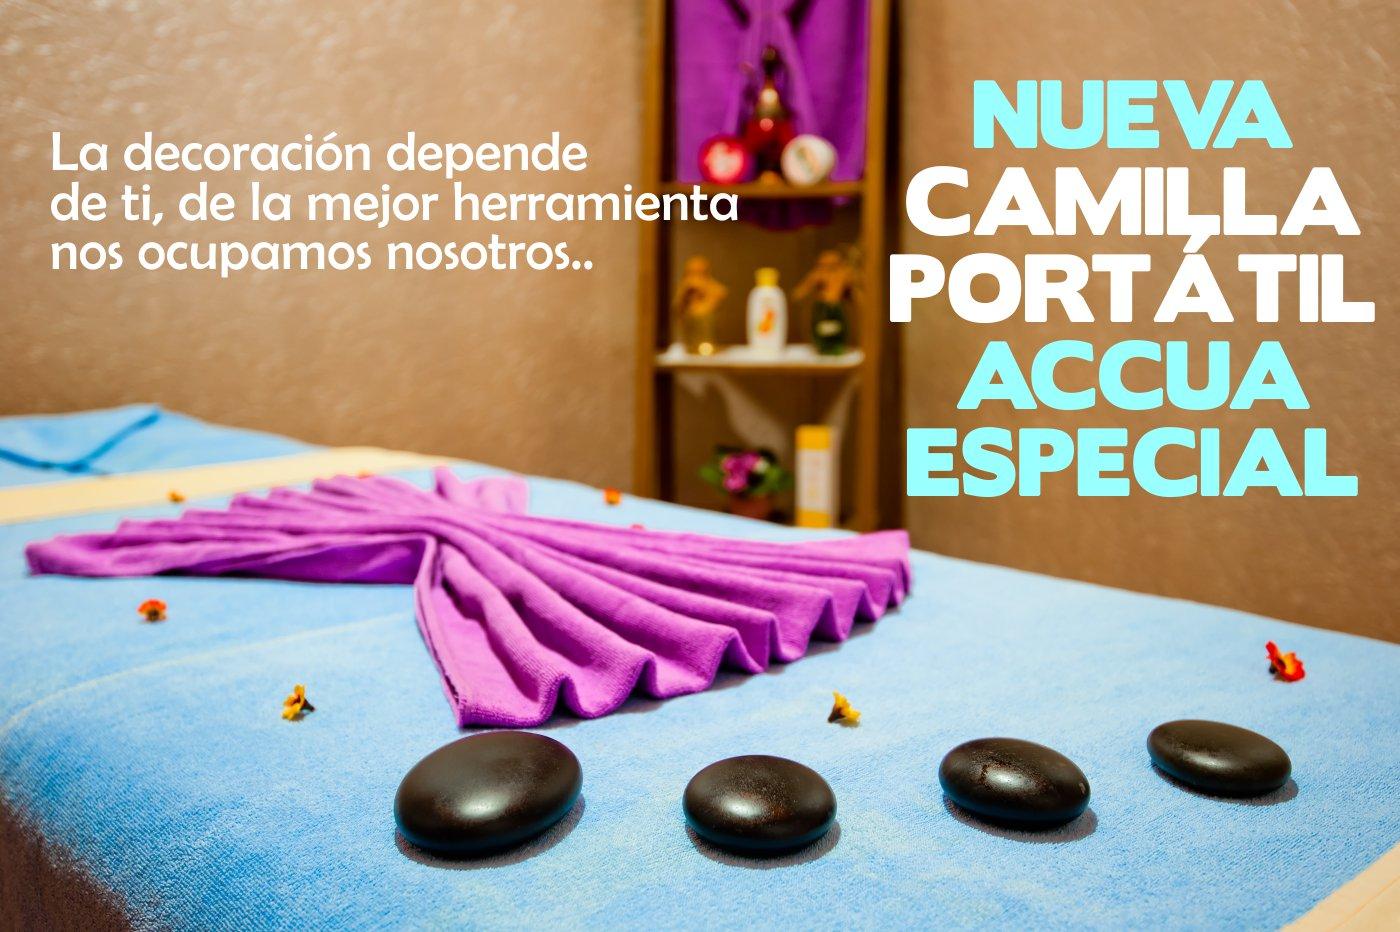 Nueva-camilla-accua-especial-camilla-portatil-de-masaje-Solaria-la-camilla